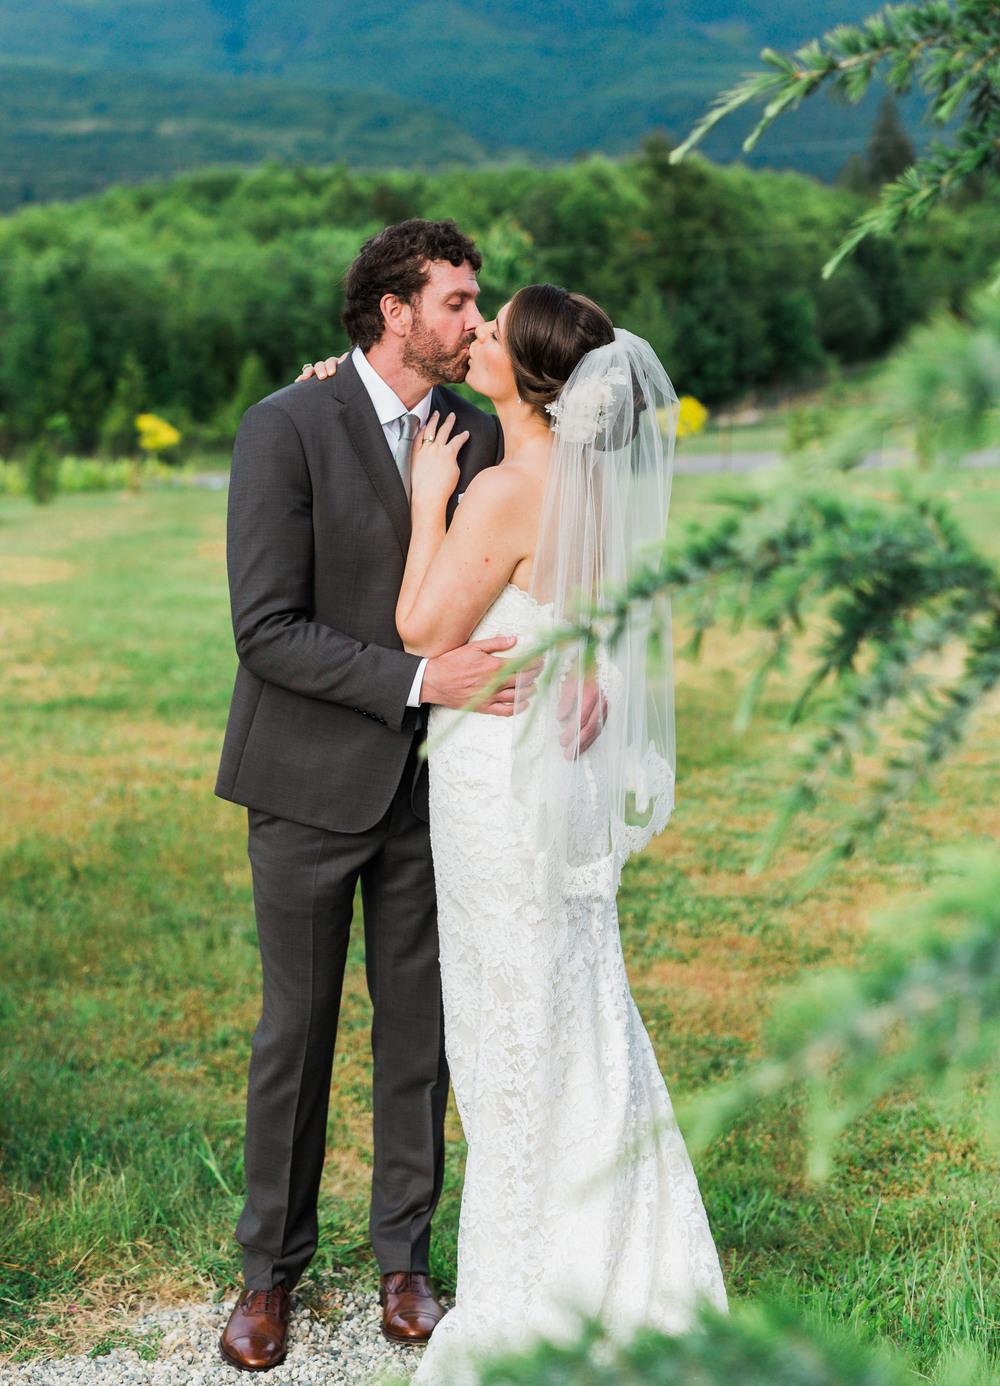 SunshineCoast-BC-Wedding-Photographer088.jpg